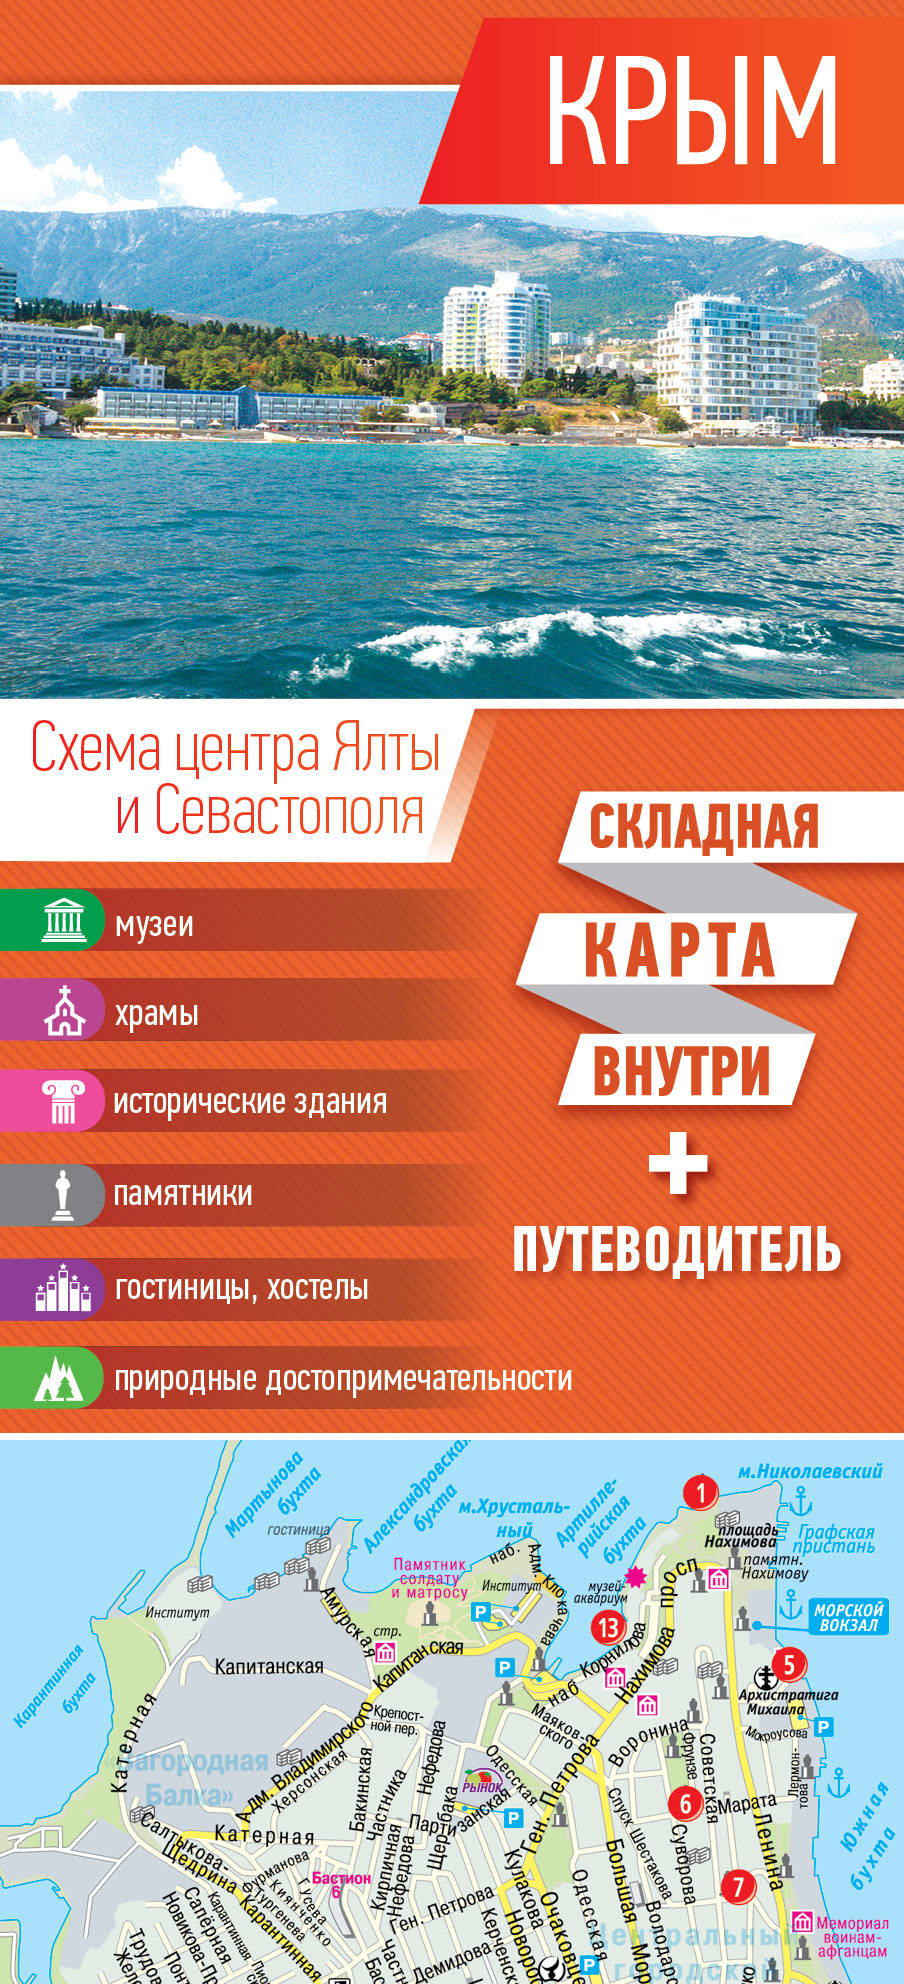 Крым. Карта+путеводитель крым карта путеводитель